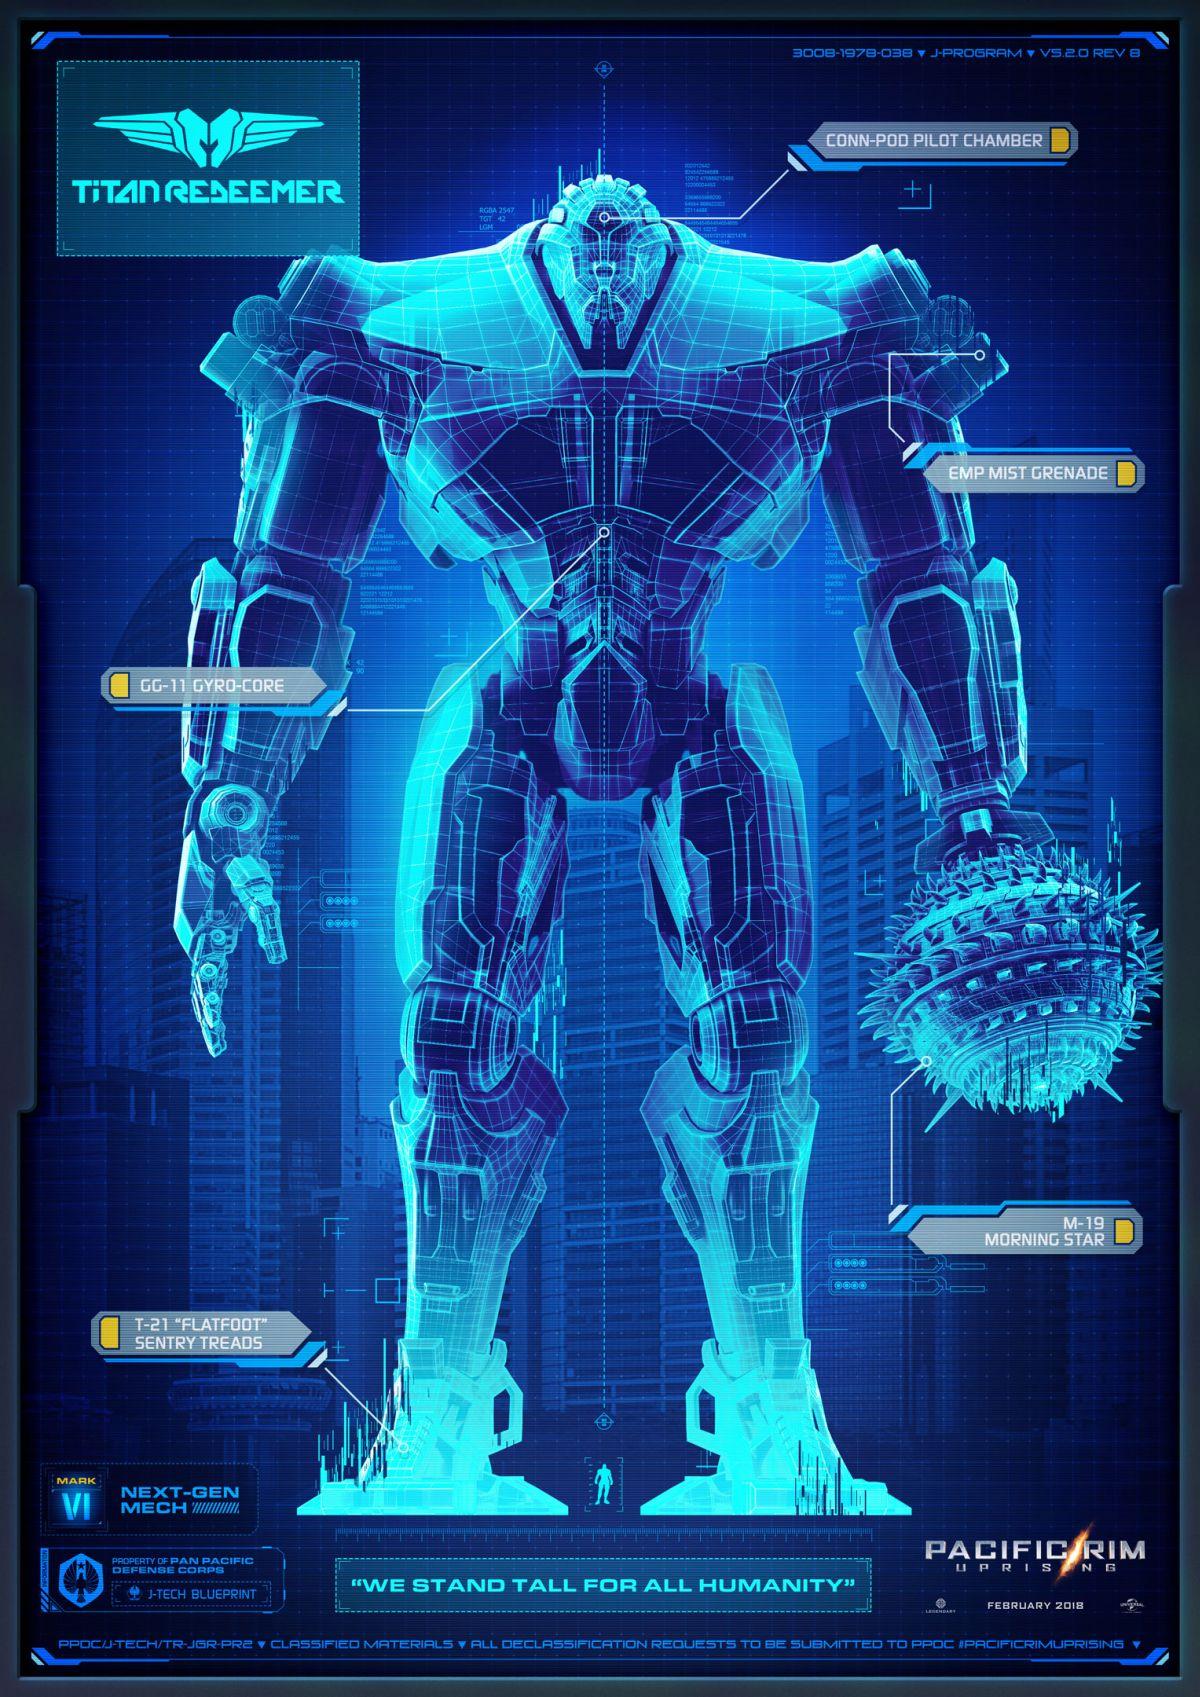 Pacific Rim 2 Teaser Jaeger Titan Redeemer